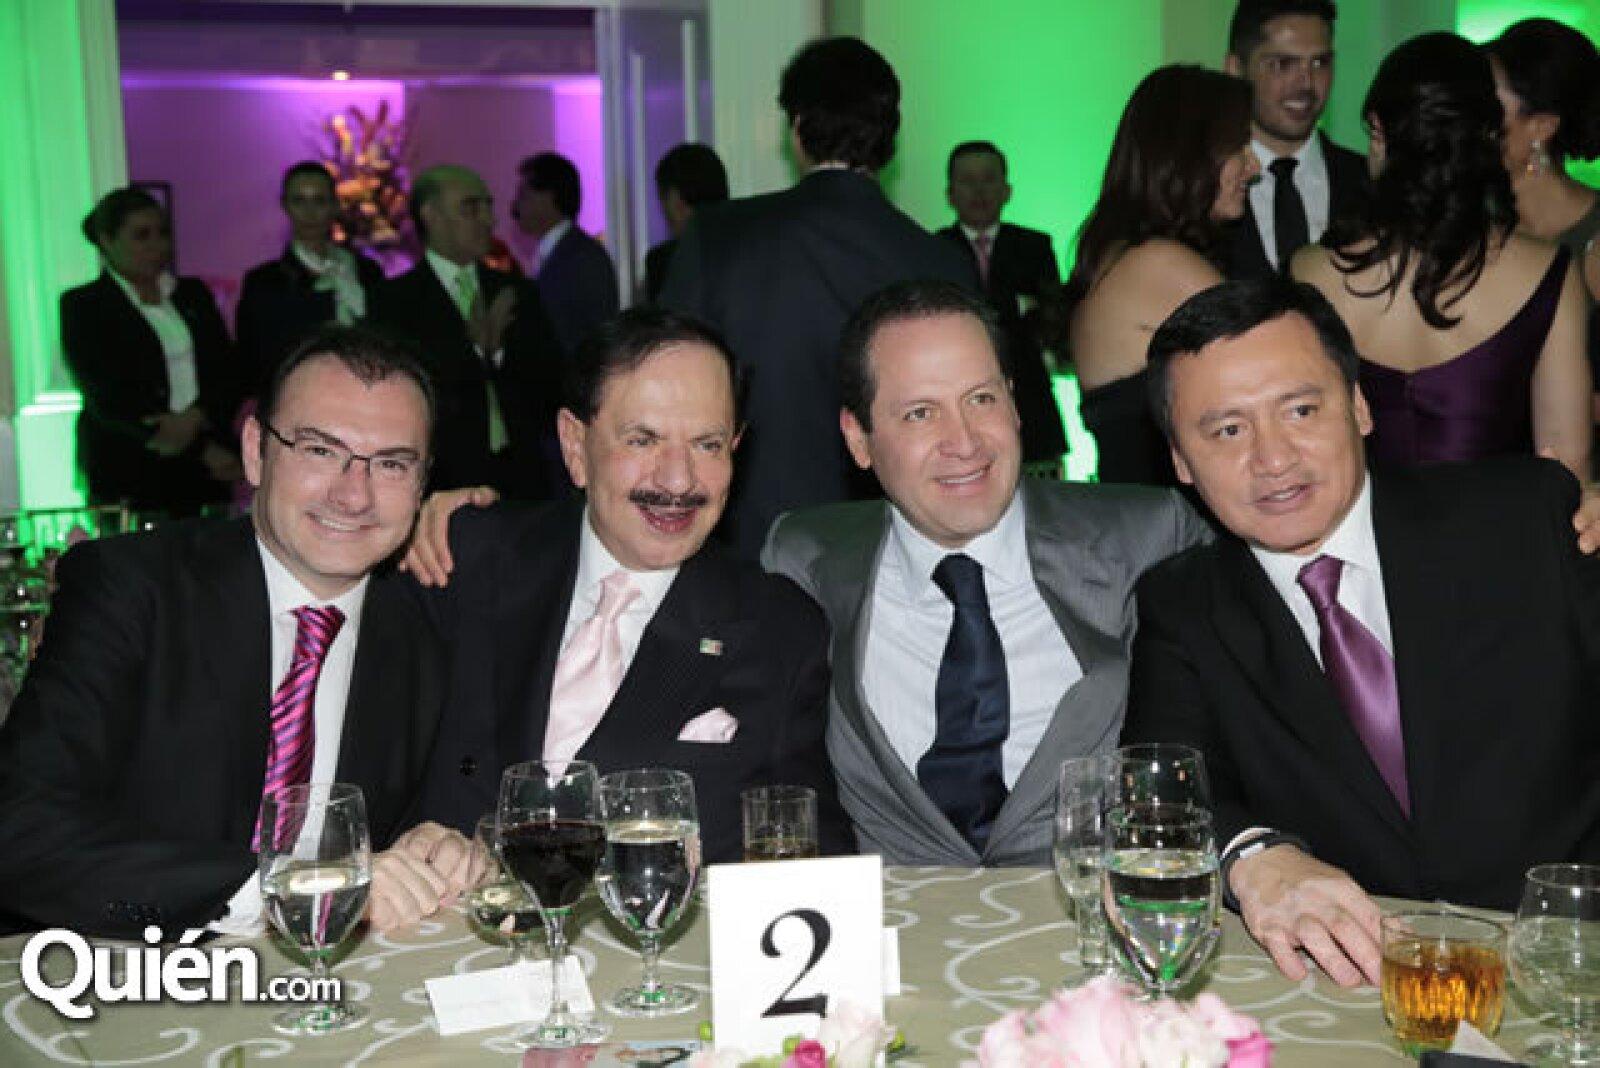 Luis Videgaray (Secretario de Hacienda y Crédito Público),Juan Francisco Ealy Ortiz,Eruviel Ávila (Gobernado del Estado de México),Miguel Ángel Osorio Chong (Secretario de Gobernación)